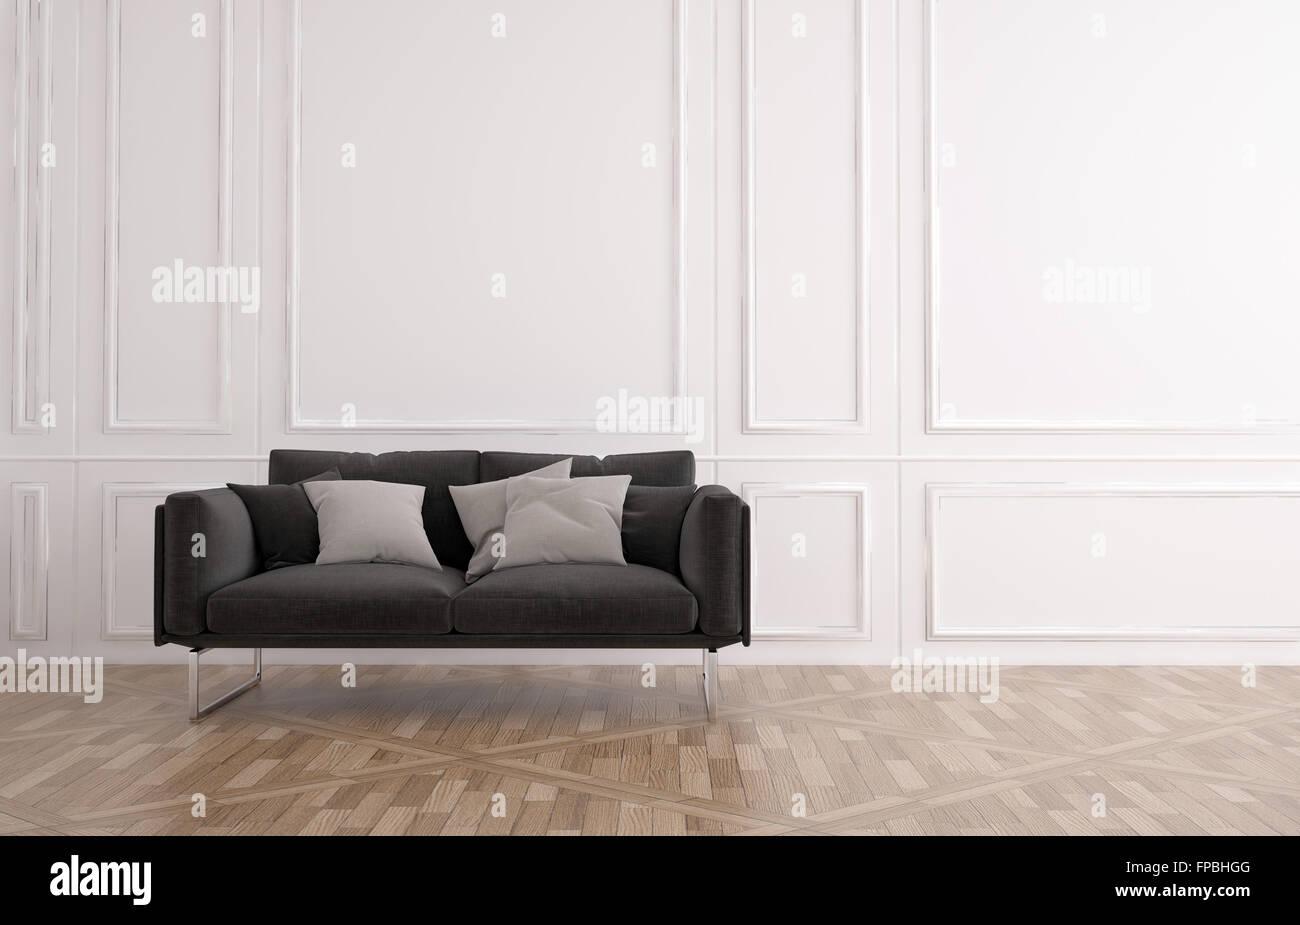 La table gris classique dans une chambre lambrissée avec lambris ...